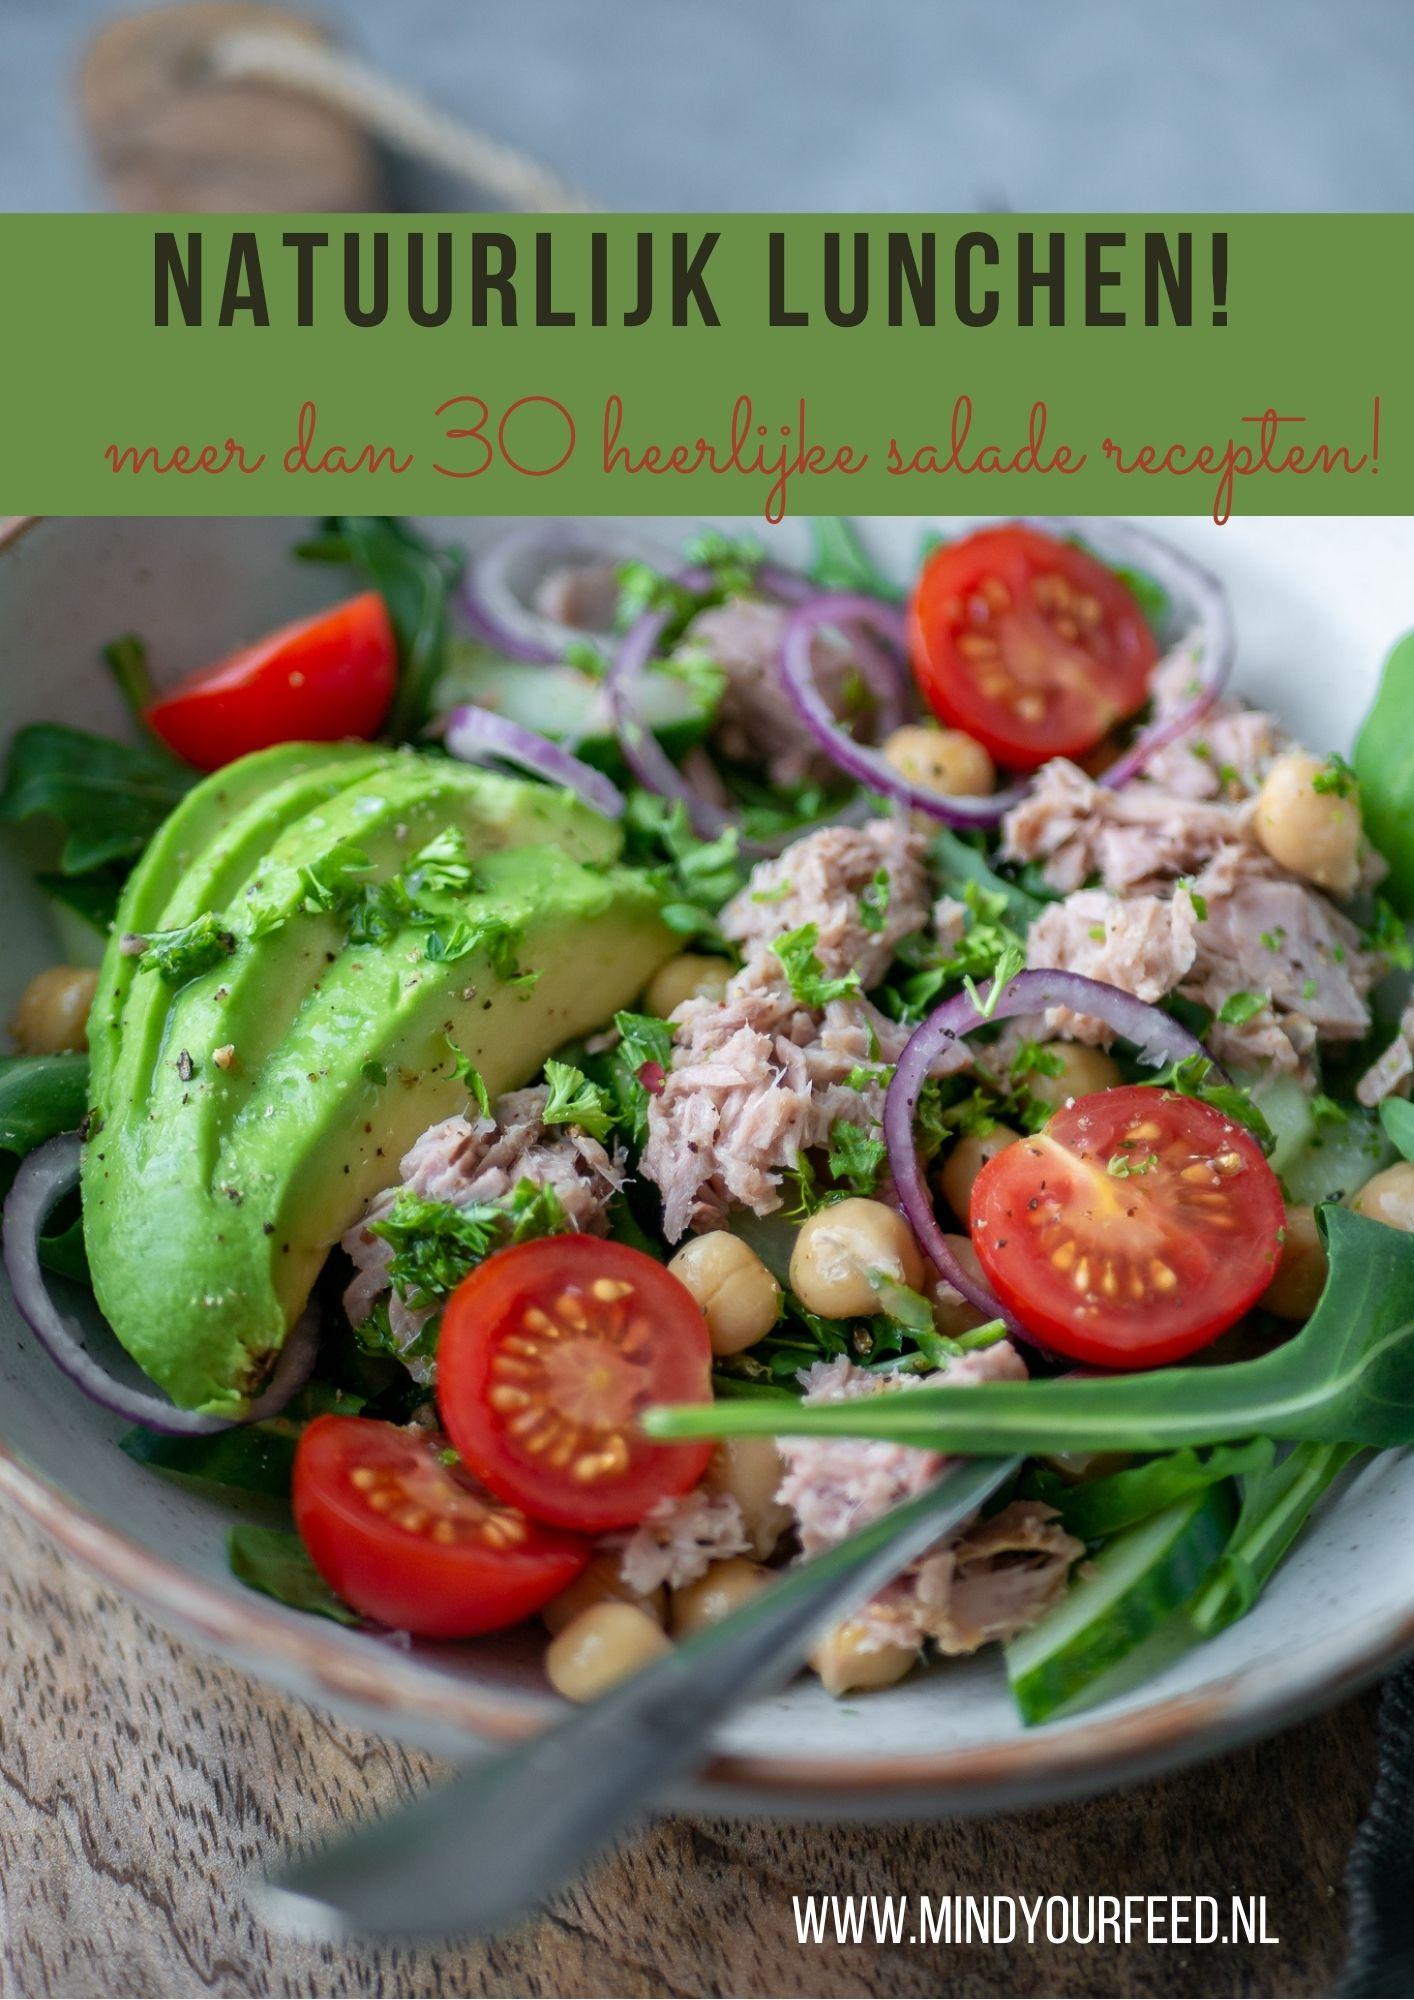 Natuurlijk lunchen! Meer dan 30 salade recepten. Lunchen met salade is veelzijdig en lekker gezond. Salades kunnen het hele jaar door. Inspiratie voor lunch salades. Ebook.